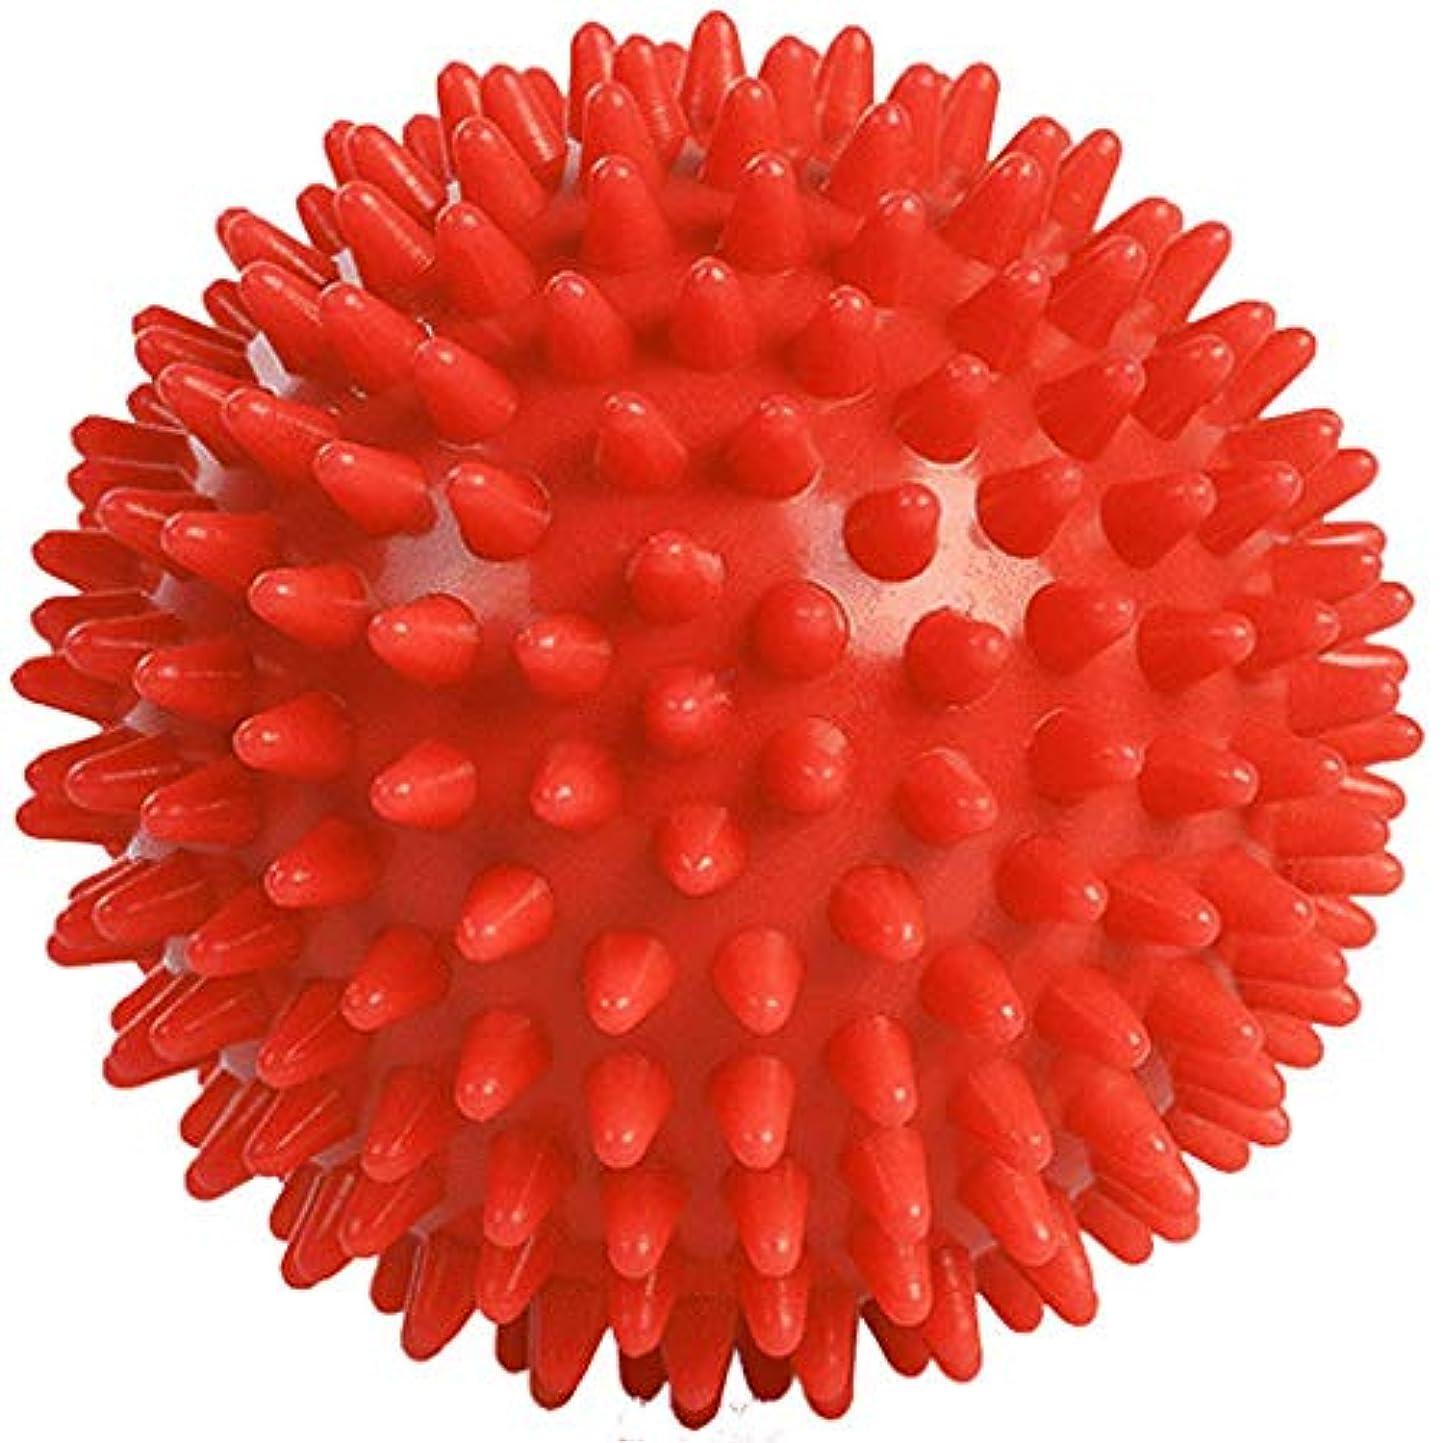 投げる低下通知uzinby リフレックスボール 触覚ボール 足裏手 背中のマッサージボール リハビリ マッサージ用 血液循環促進 筋肉緊張 圧迫で解きほぐす